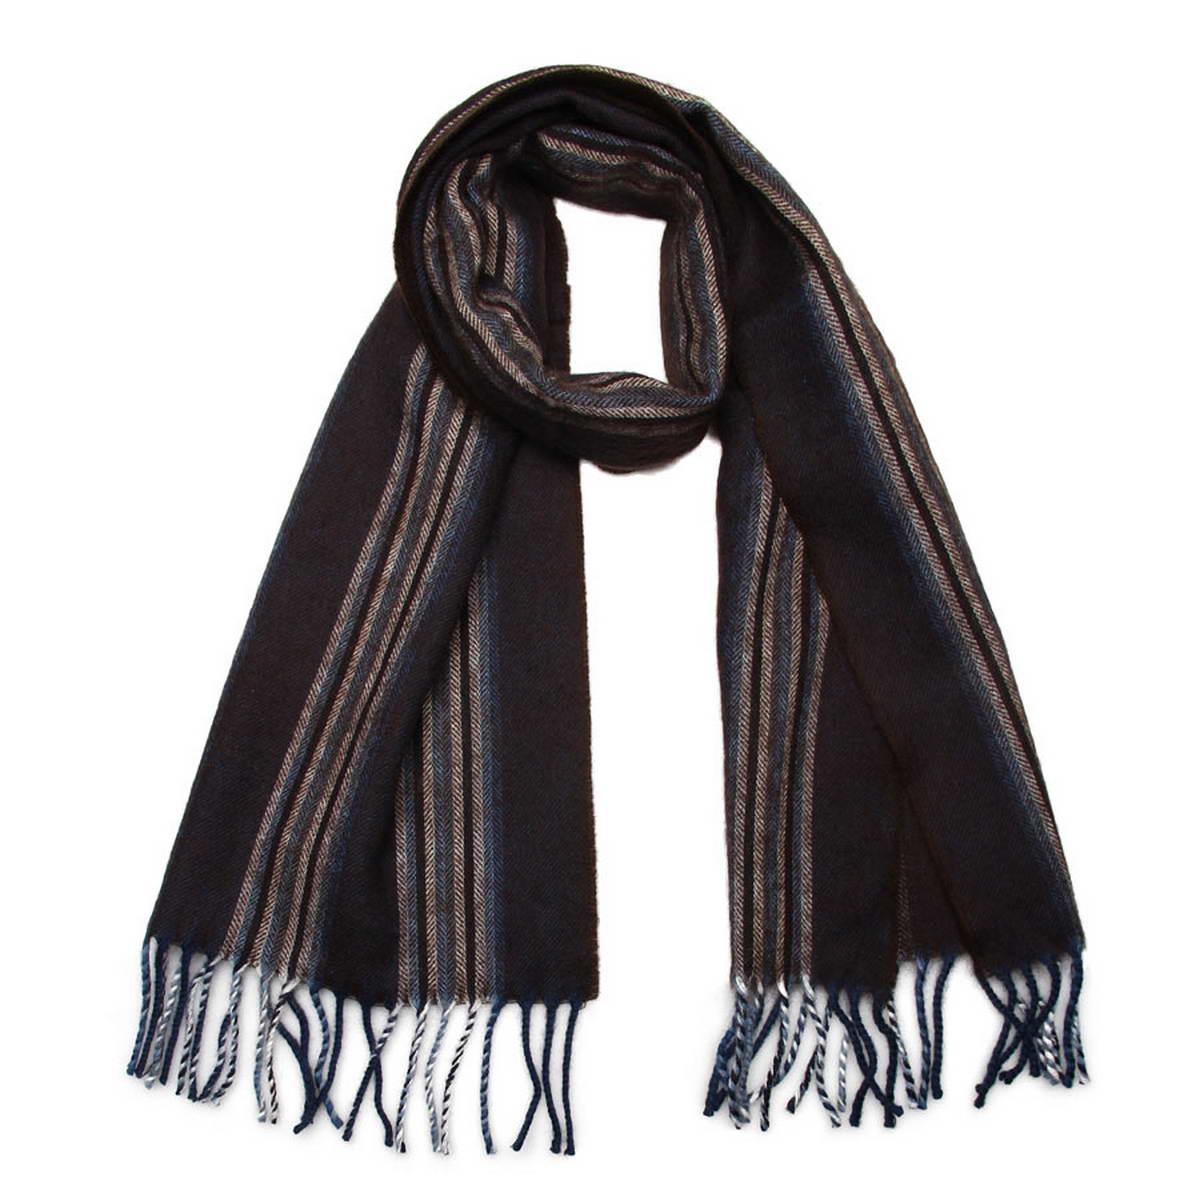 Шарф мужской. 5001432-65001432-6Элегантный мужской шарф Venera согреет вас в холодное время года, а также станет изысканным аксессуаром, который призван подчеркнуть ваш стиль и индивидуальность. Оригинальный теплый шарф выполнен из высококачественной шерстяной пряжи. Широкий шарф оформлен рисунком в полоску и дополнен бахромой в виде жгутиков по краю. Такой шарф станет превосходным дополнением к любому наряду, защитит вас от ветра и холода и позволит вам создать свой неповторимый стиль.